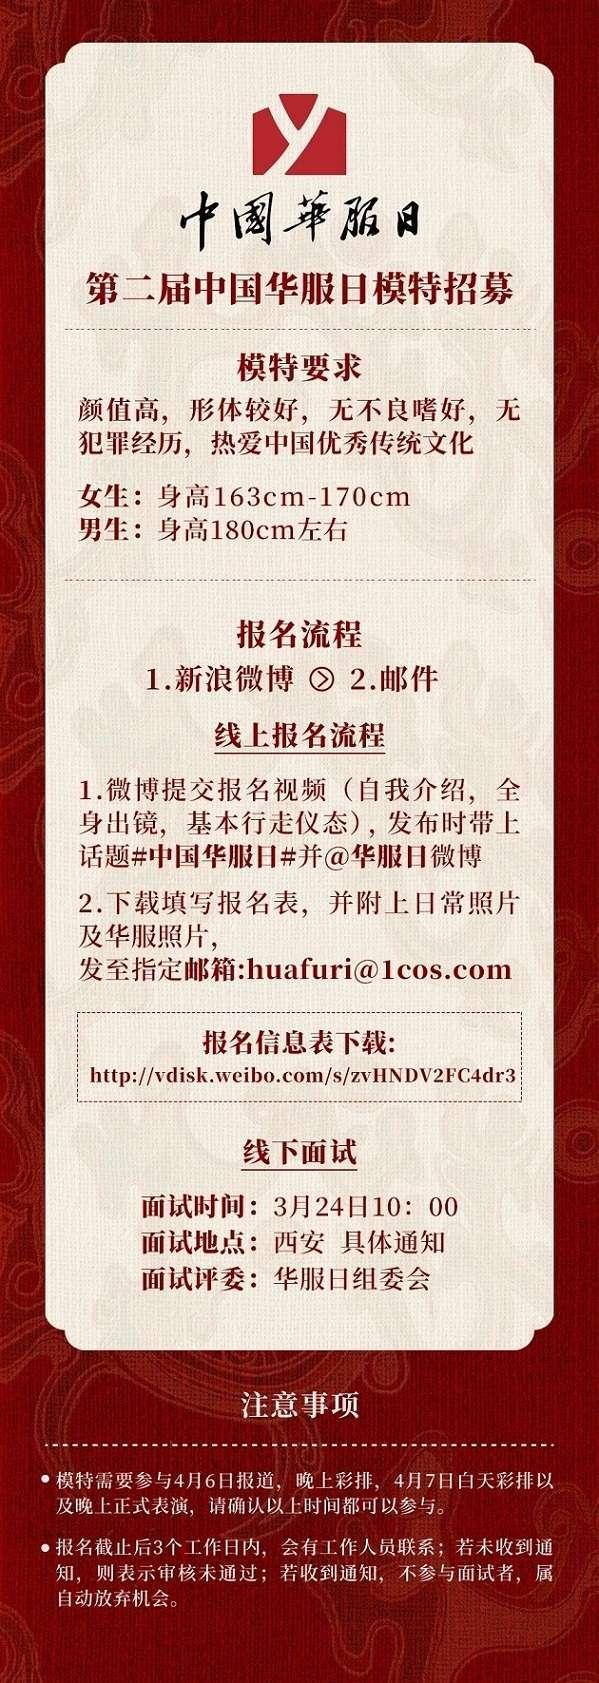 【汉服活动】|  第二届中国华服日如约而至